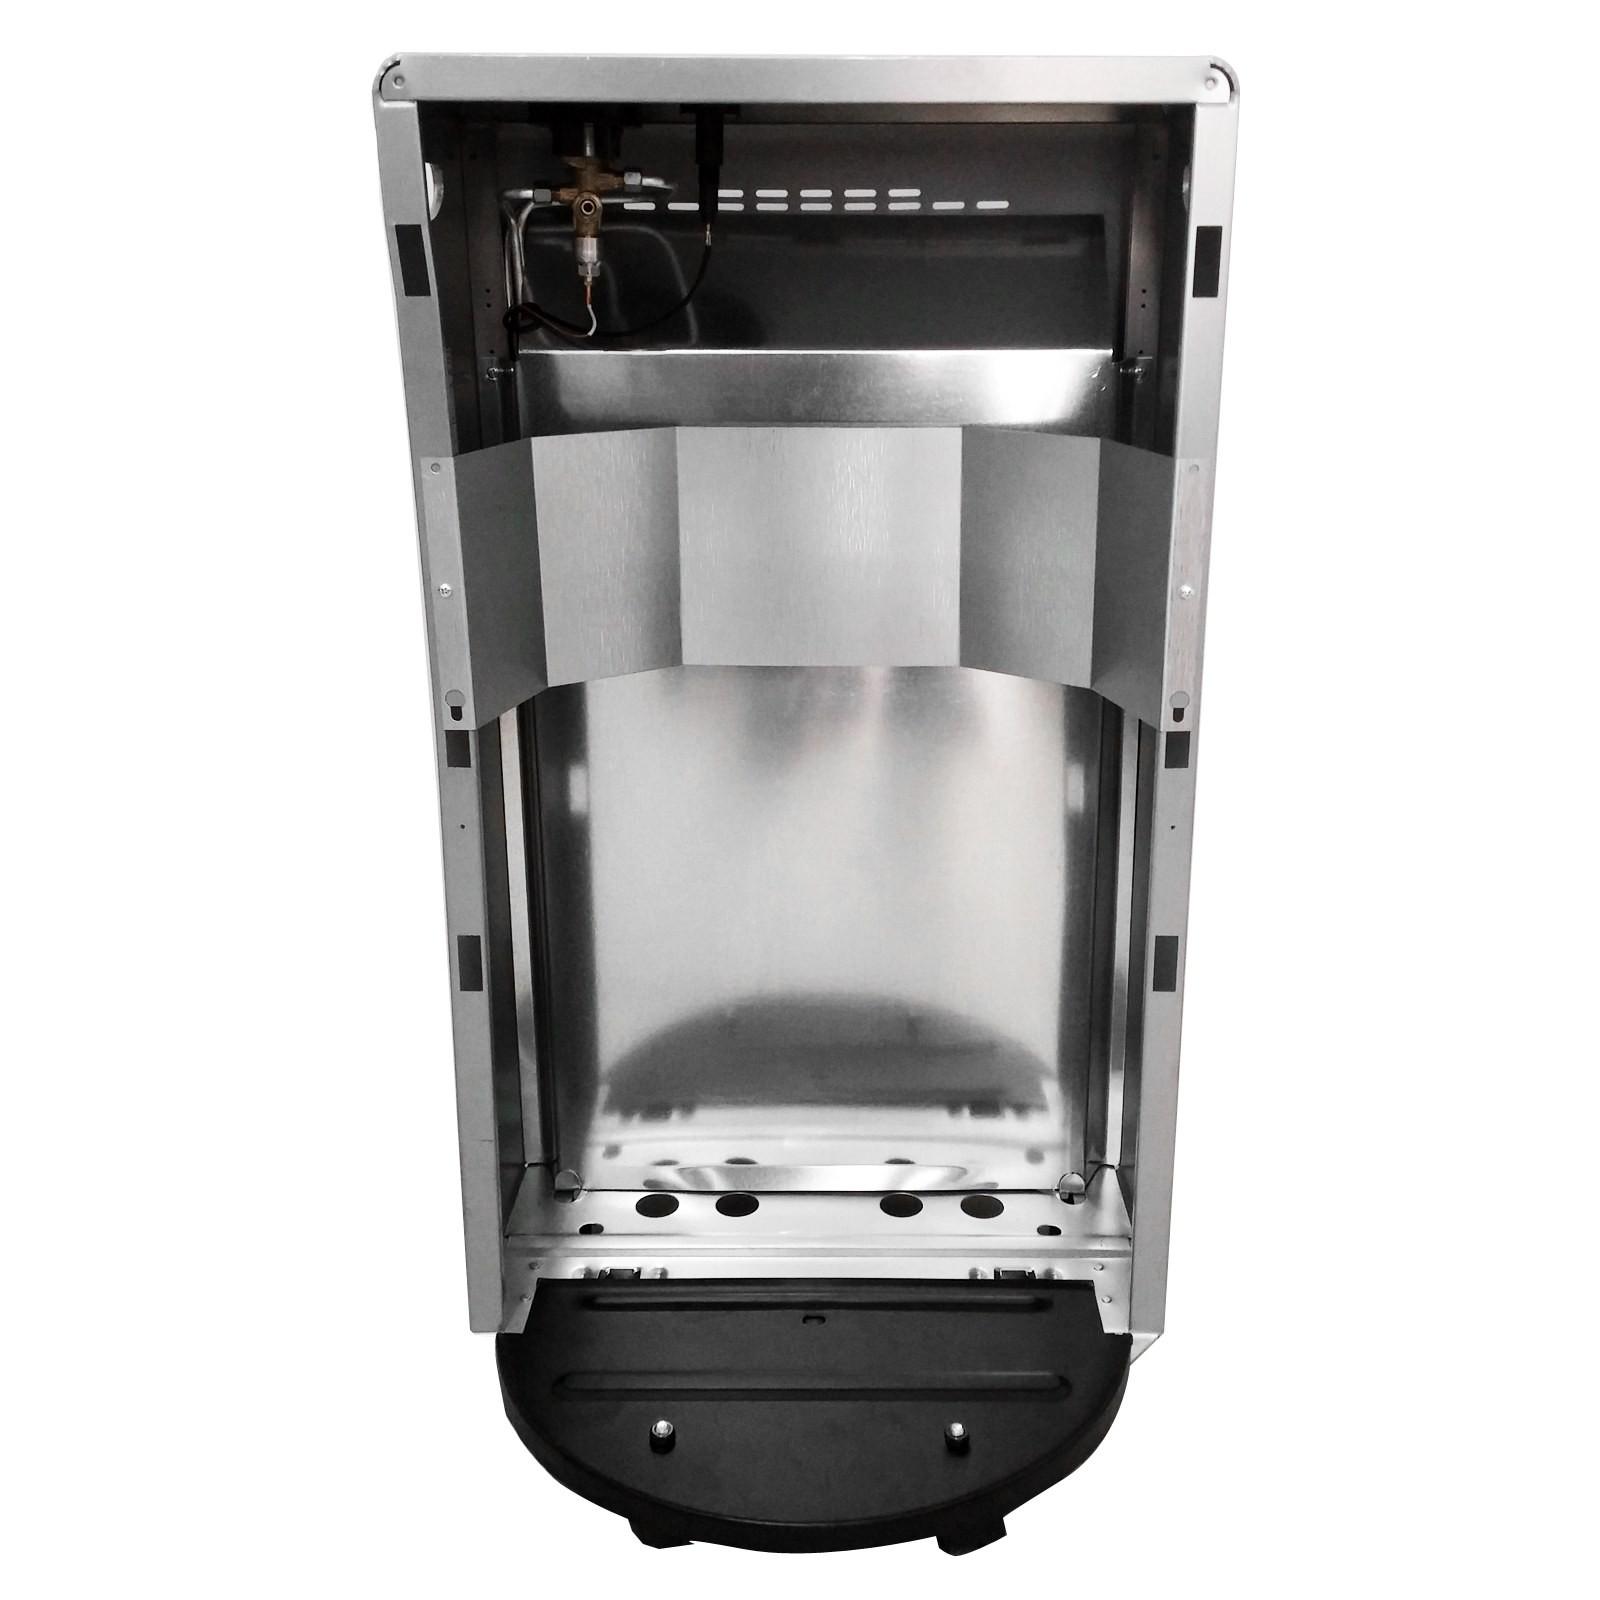 Stufa a gas gpl riscaldamento infrarossi bartolini bombola for Stufe pirolitiche per riscaldamento